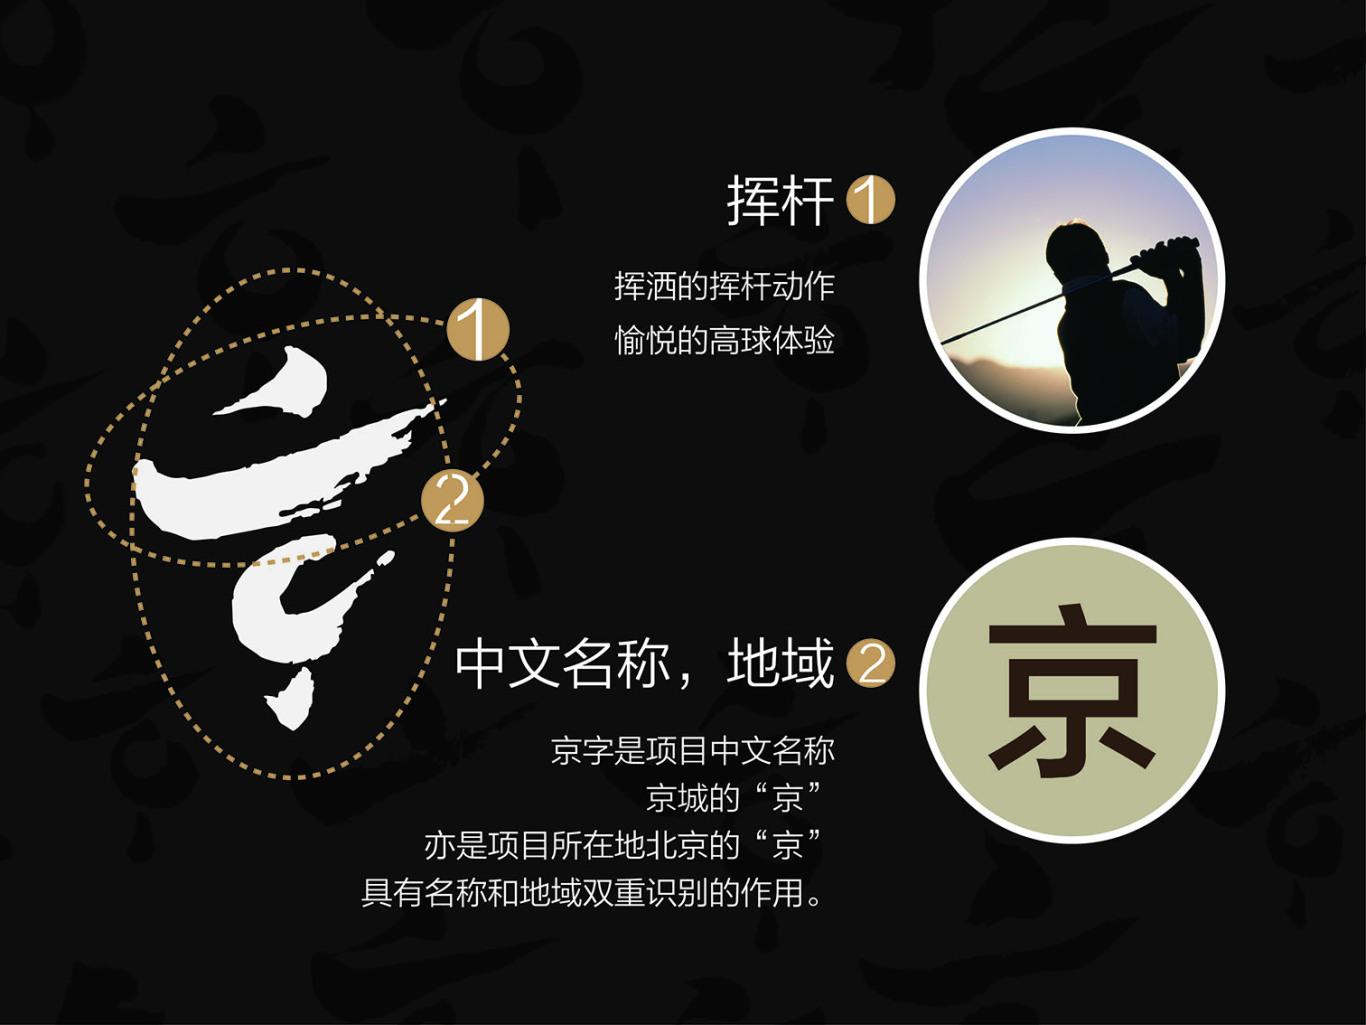 北京大兴京城高尔夫俱乐部LOGO设计图5